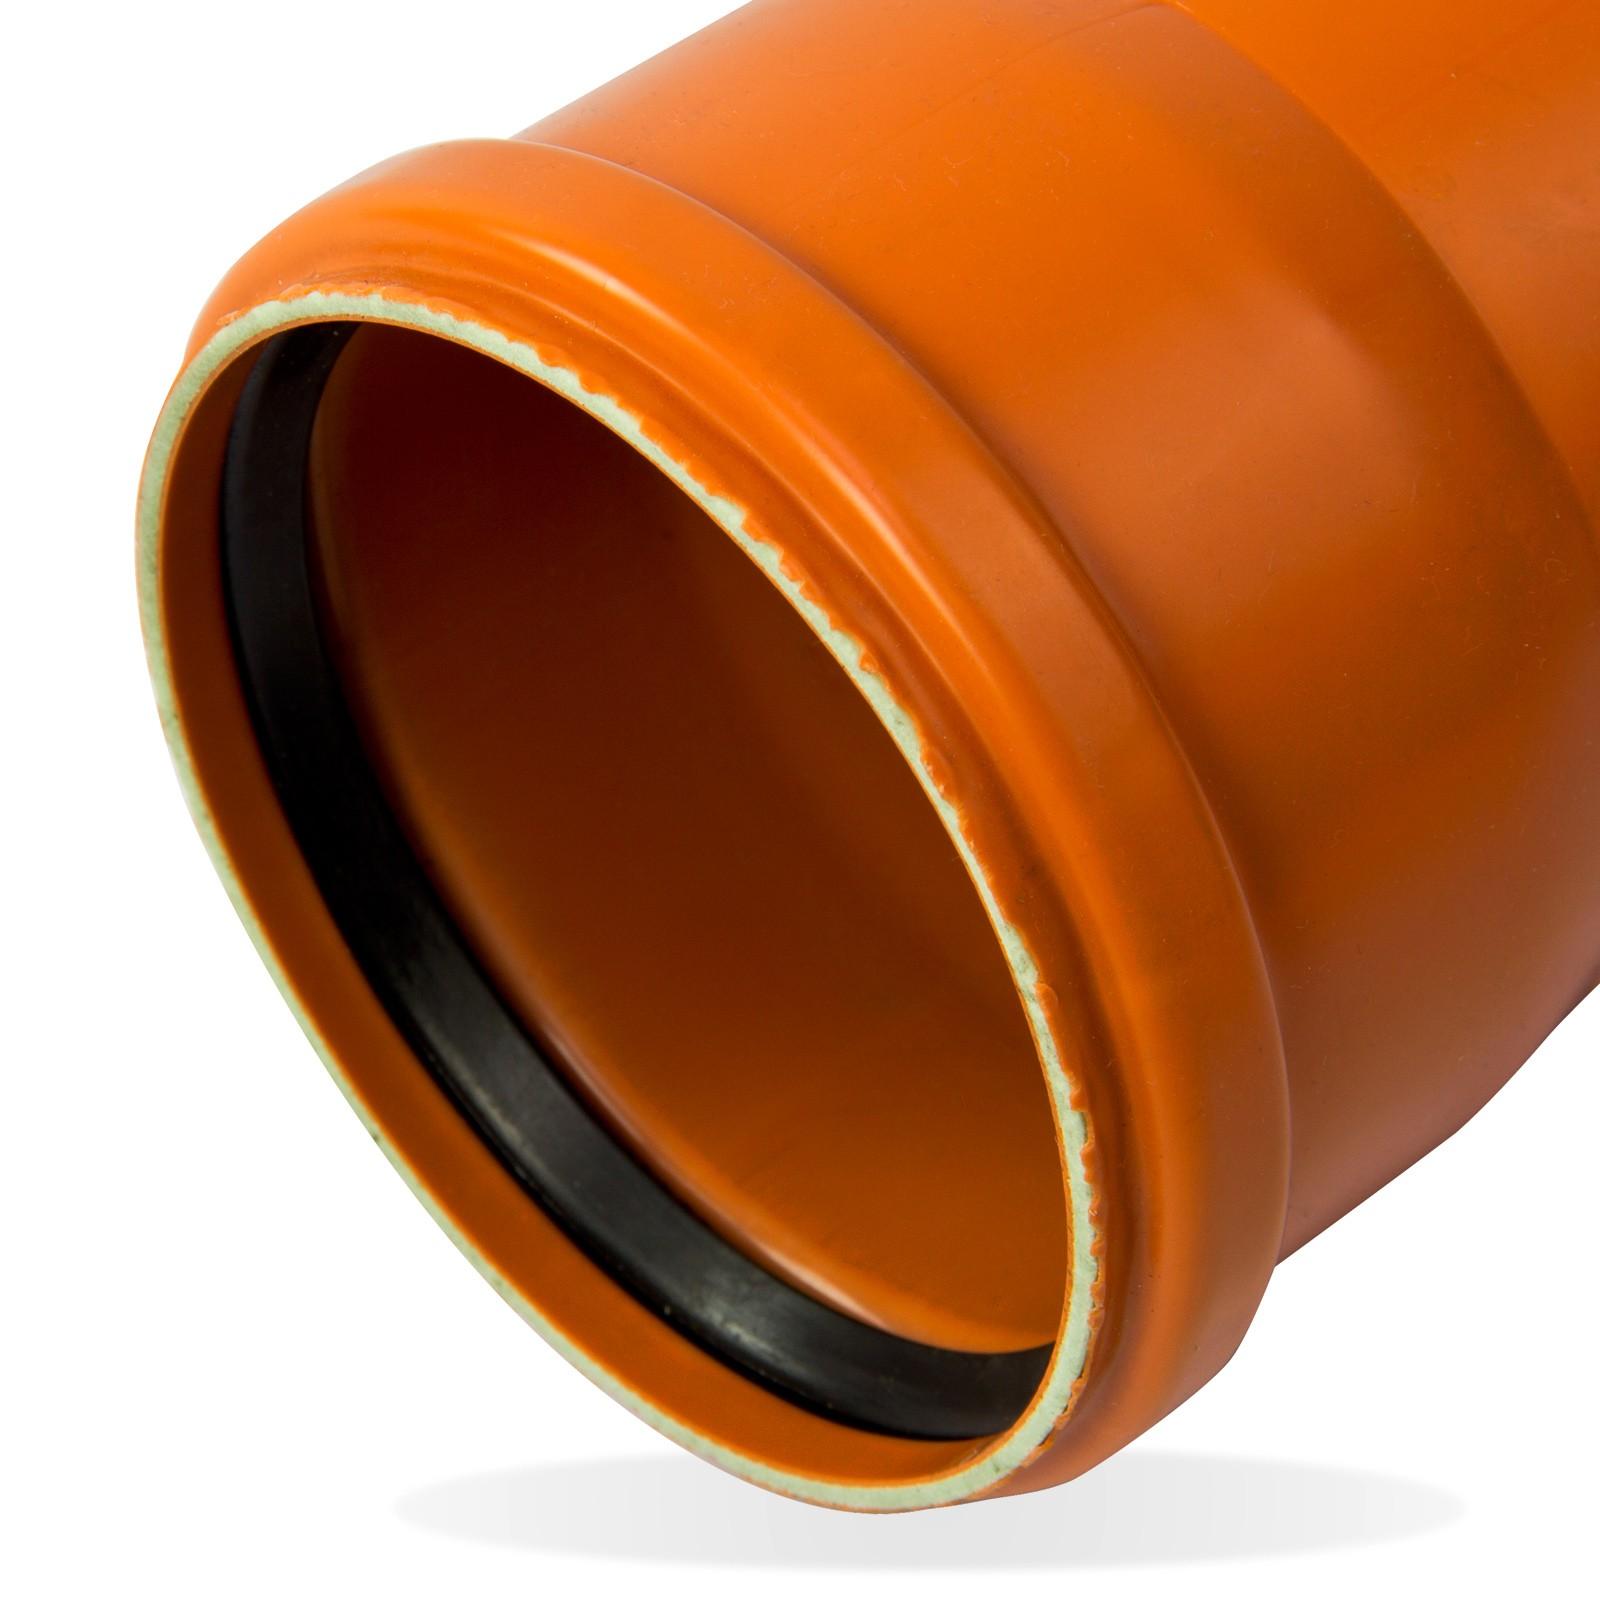 ostendorf kg rohr dn125 1000 mm 1m kgem 125mm kunststoff. Black Bedroom Furniture Sets. Home Design Ideas